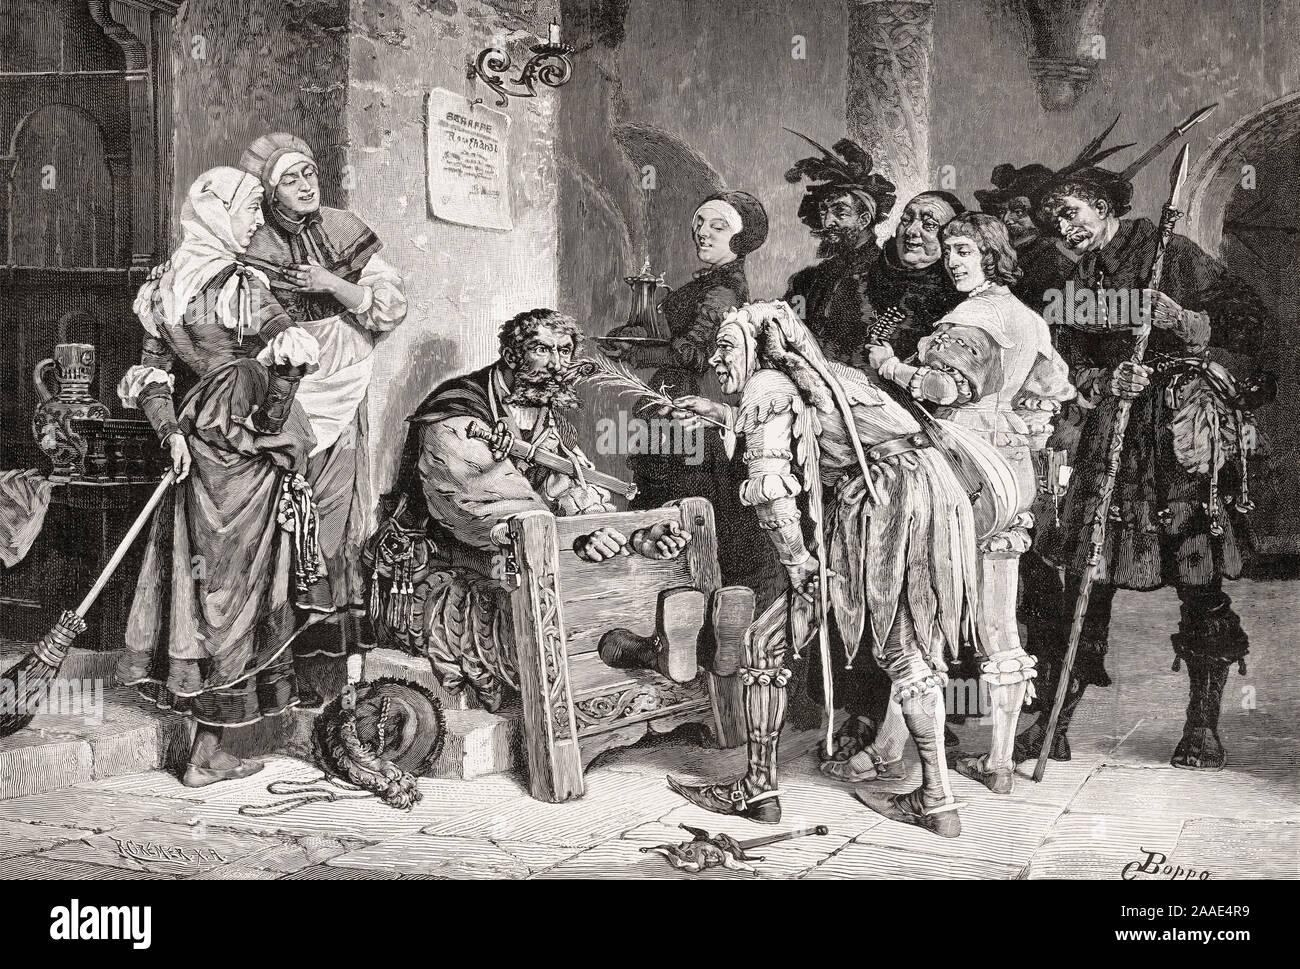 La répression des infractions pénales, l'Allemagne, l'Europe, 16e siècle Banque D'Images